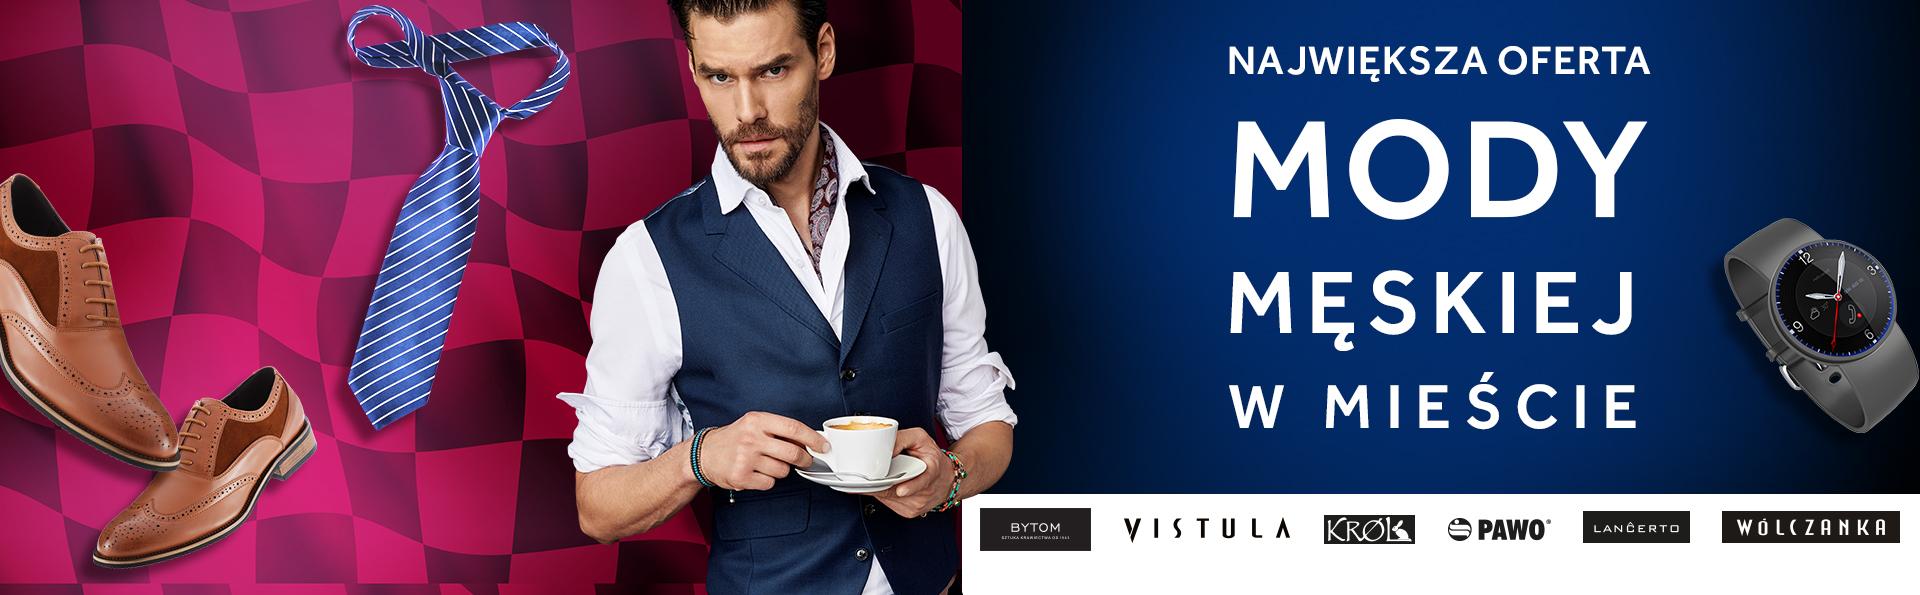 Największa oferta mody męskiej w mieście.